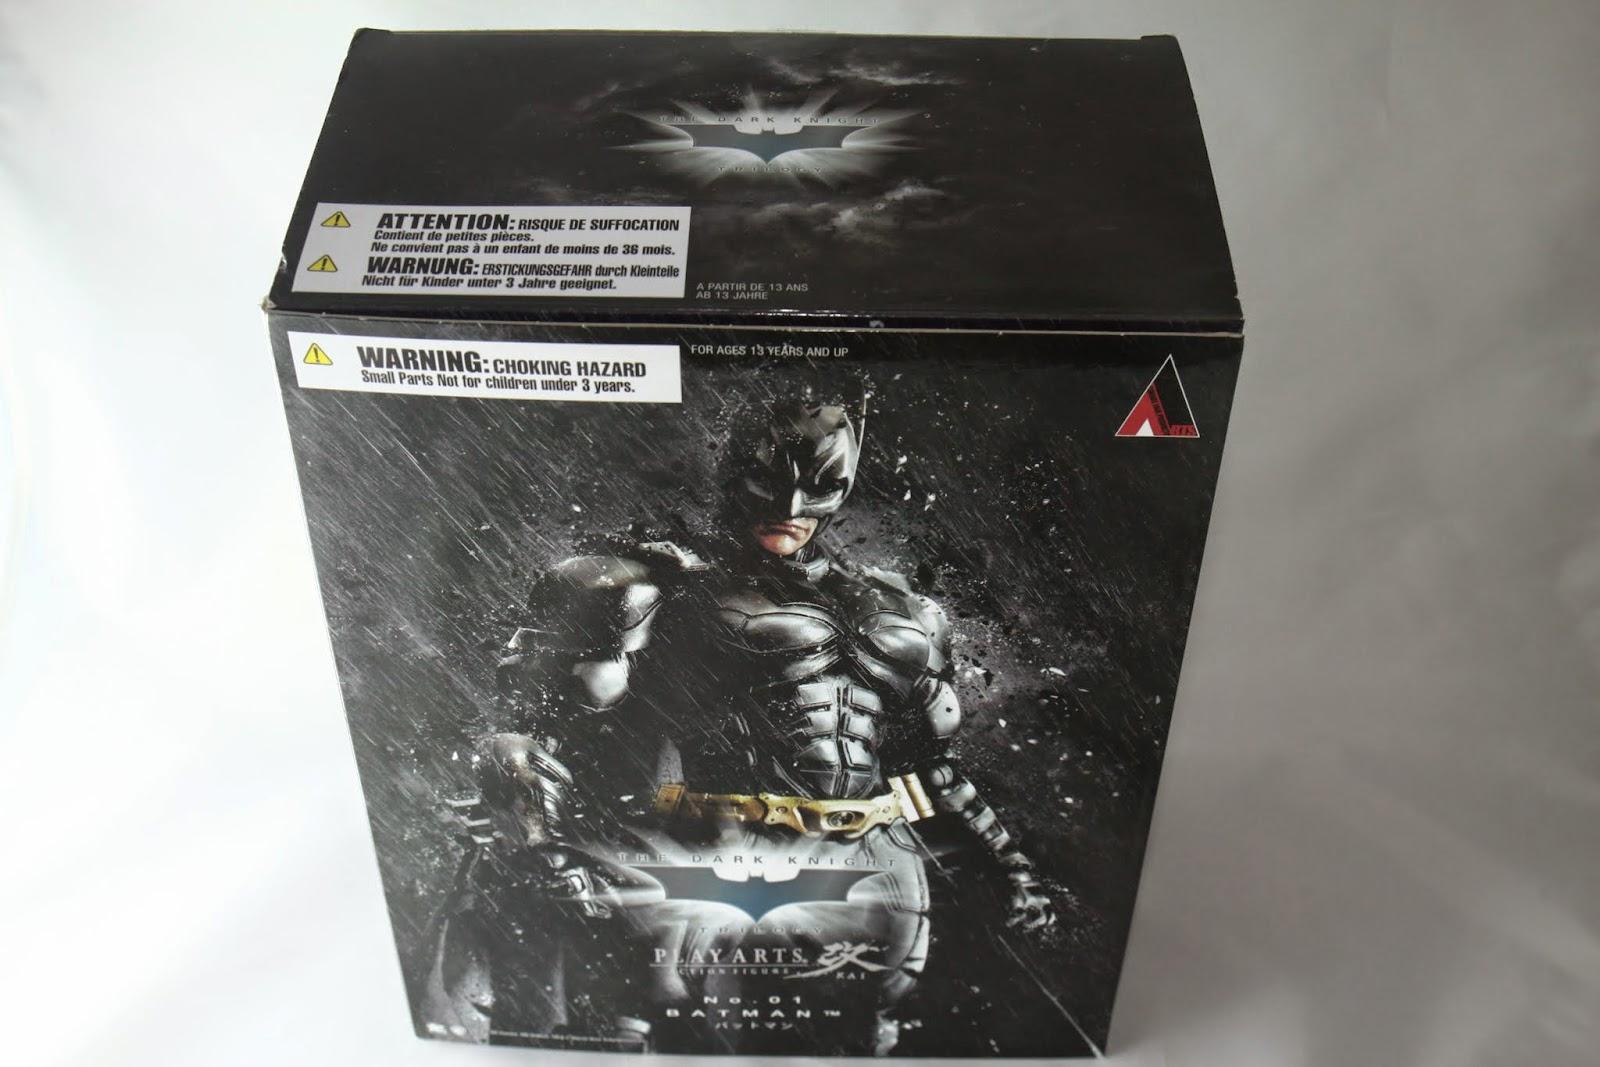 盒面設計風格跟電影第三集一樣, 後面都在狂風暴雨大家都不撐傘